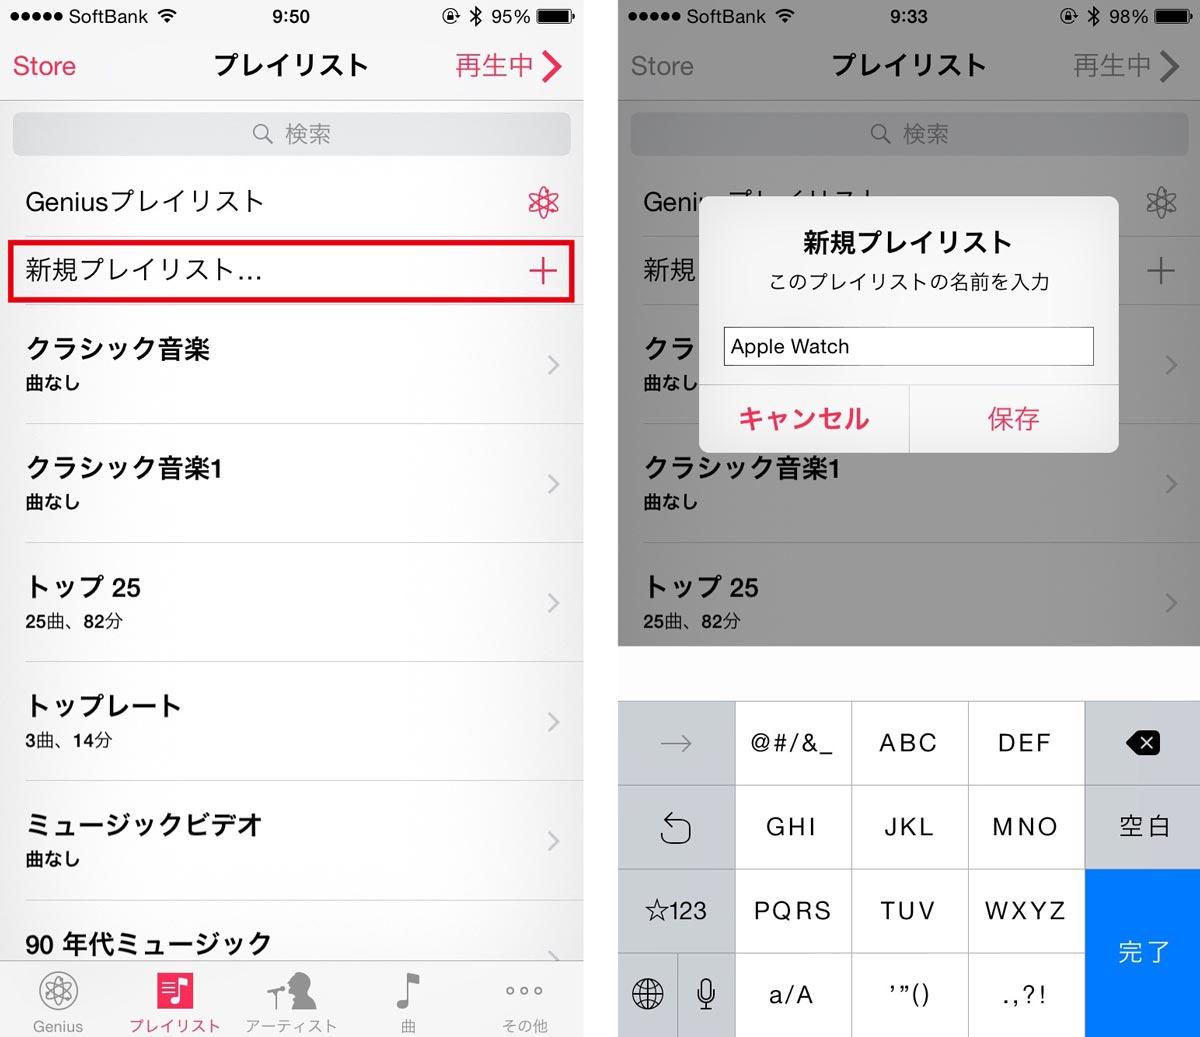 iOSミュージックアプリ プレイリスト作成